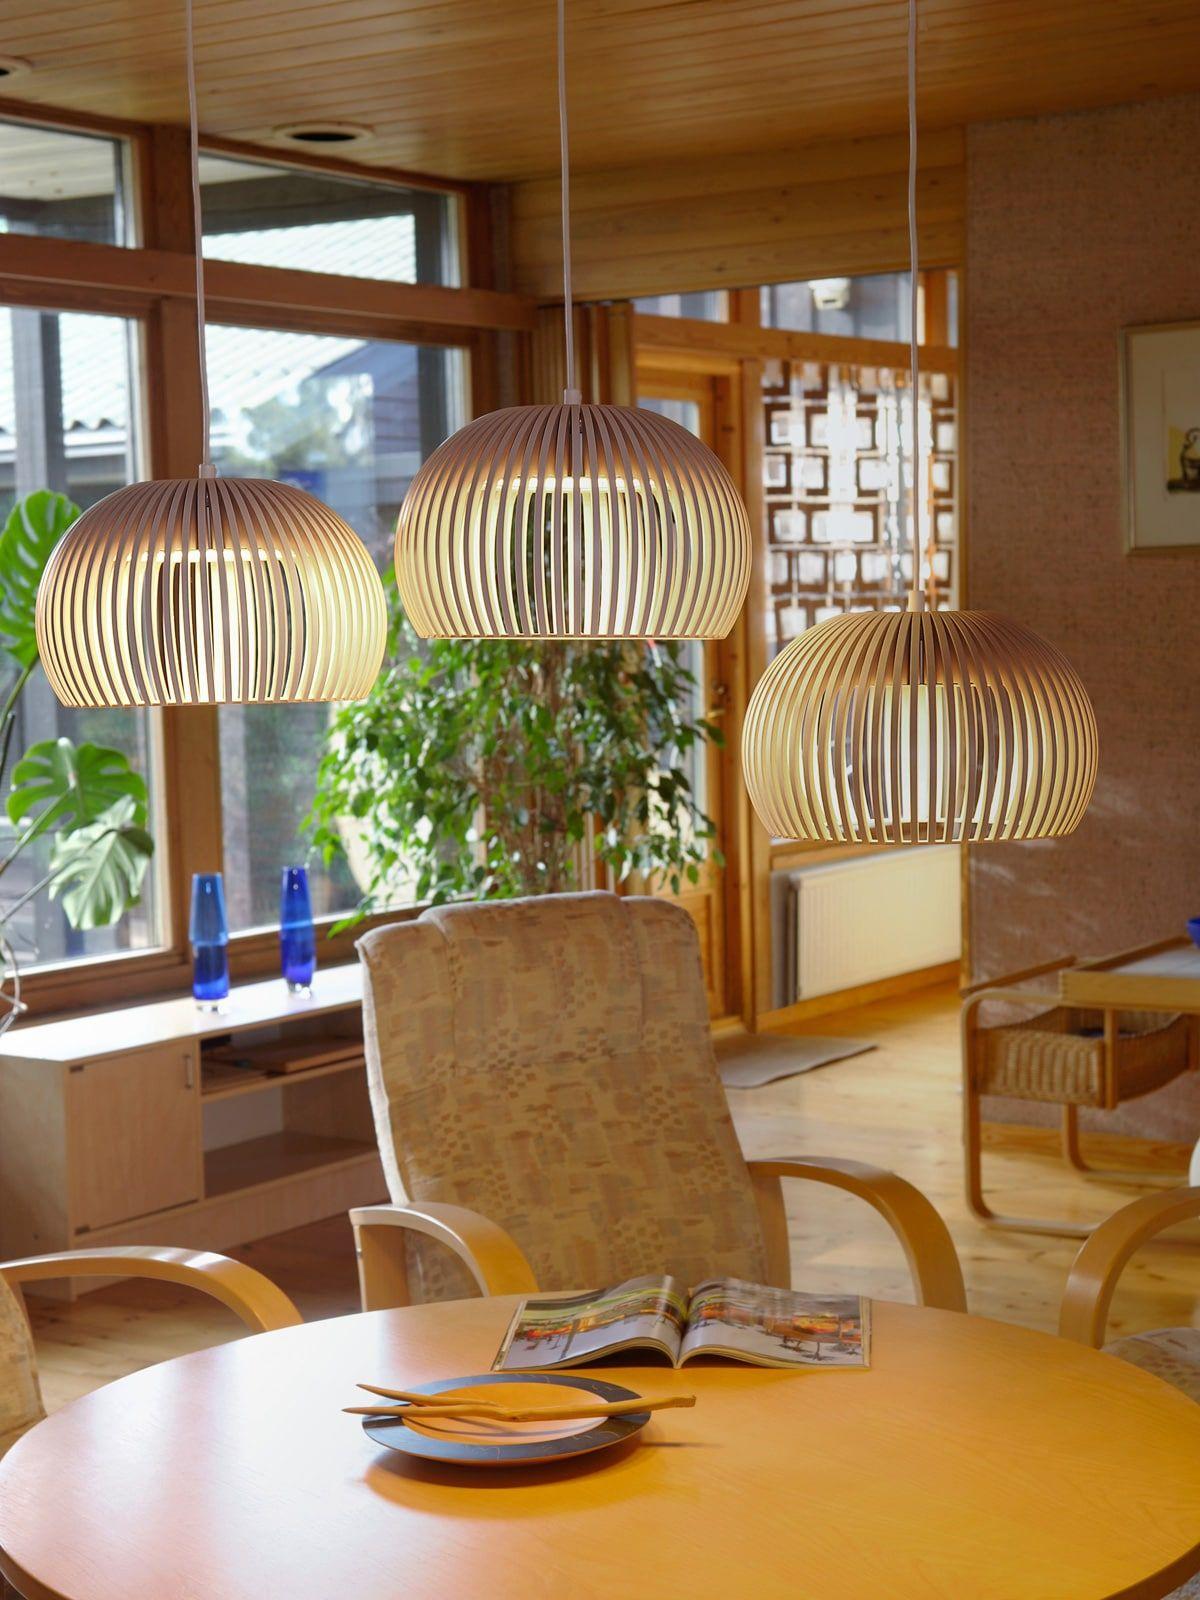 Esszimmer Hange Lampe Hangelampe Holz Eiche Esstisch Antik Balken